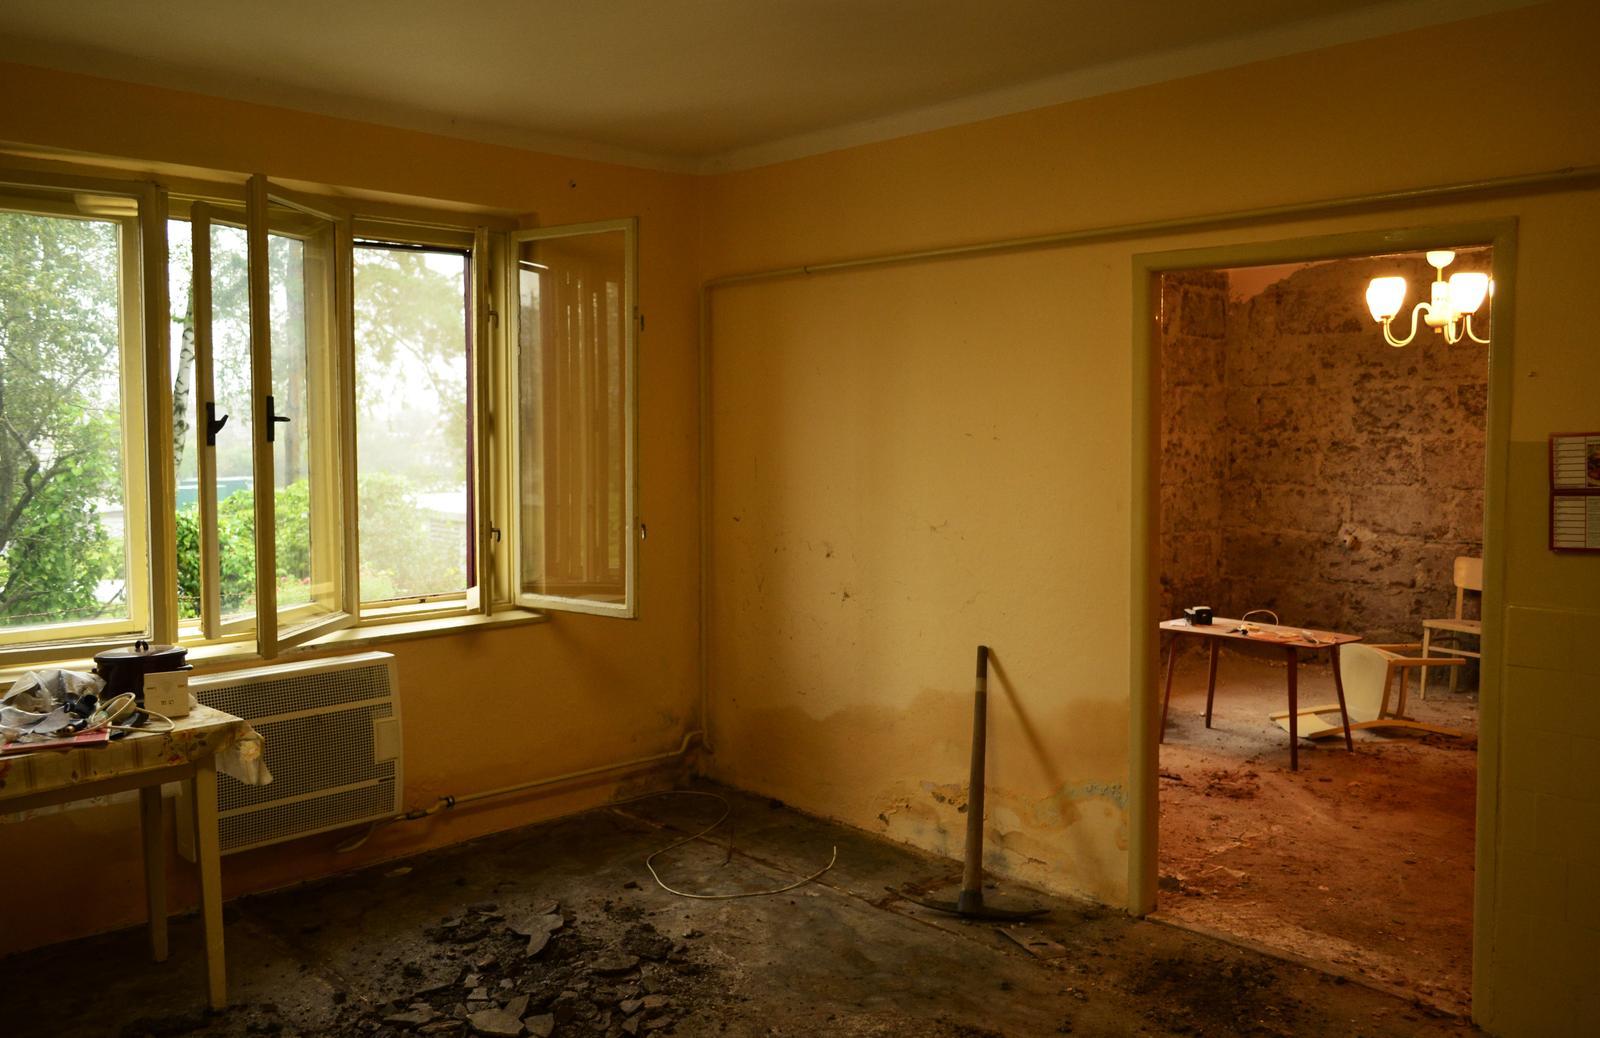 V zelenom dome - Kuchynka s hnilou podlahou, vlhkou stenou a otlčenou obývačkou